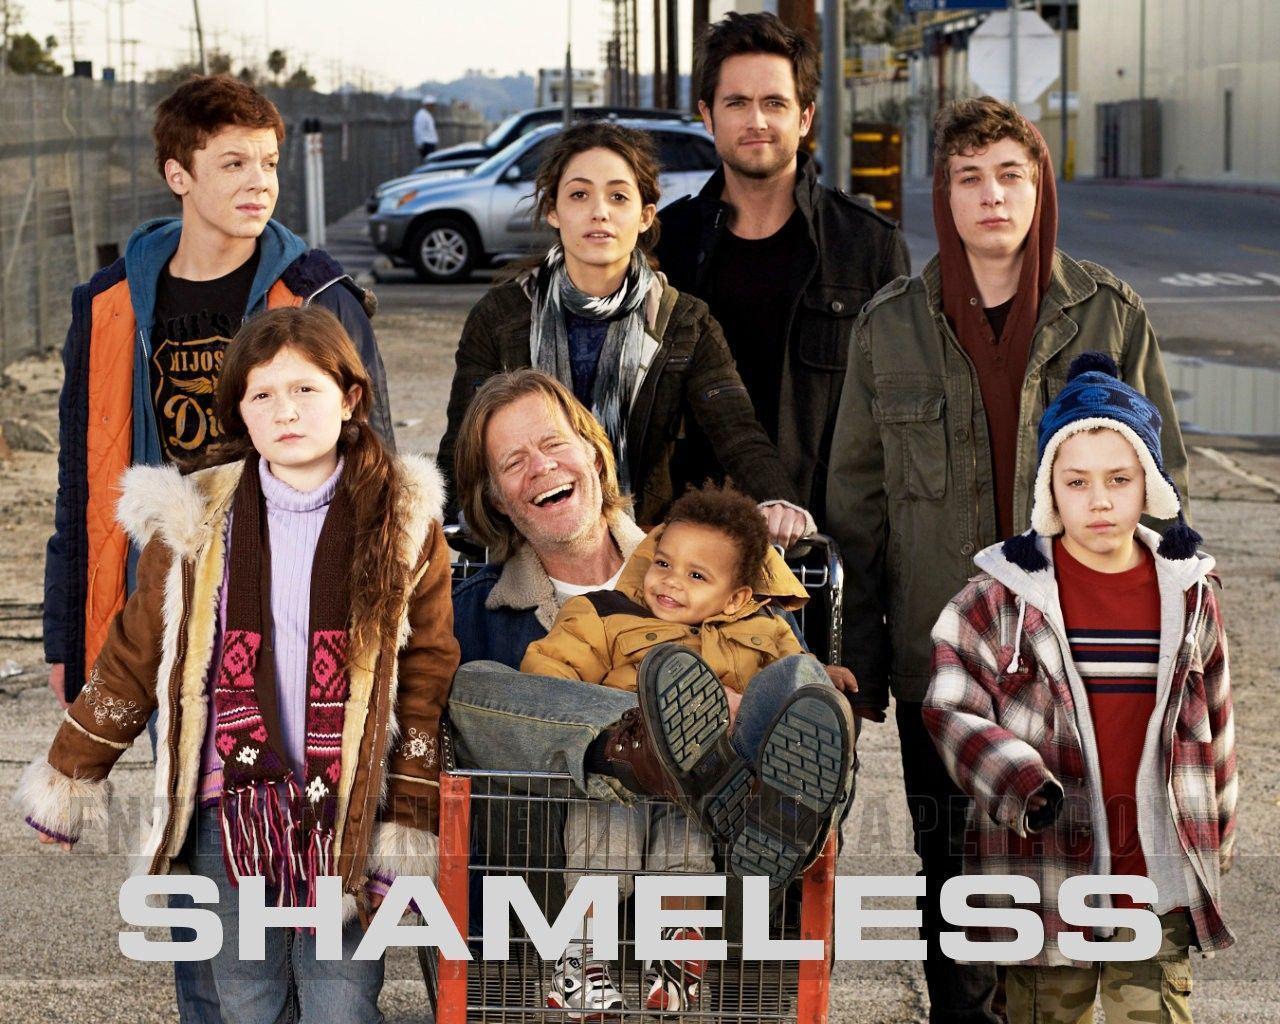 Shameless Wallpaper - Original size, download now. - Shameless ...